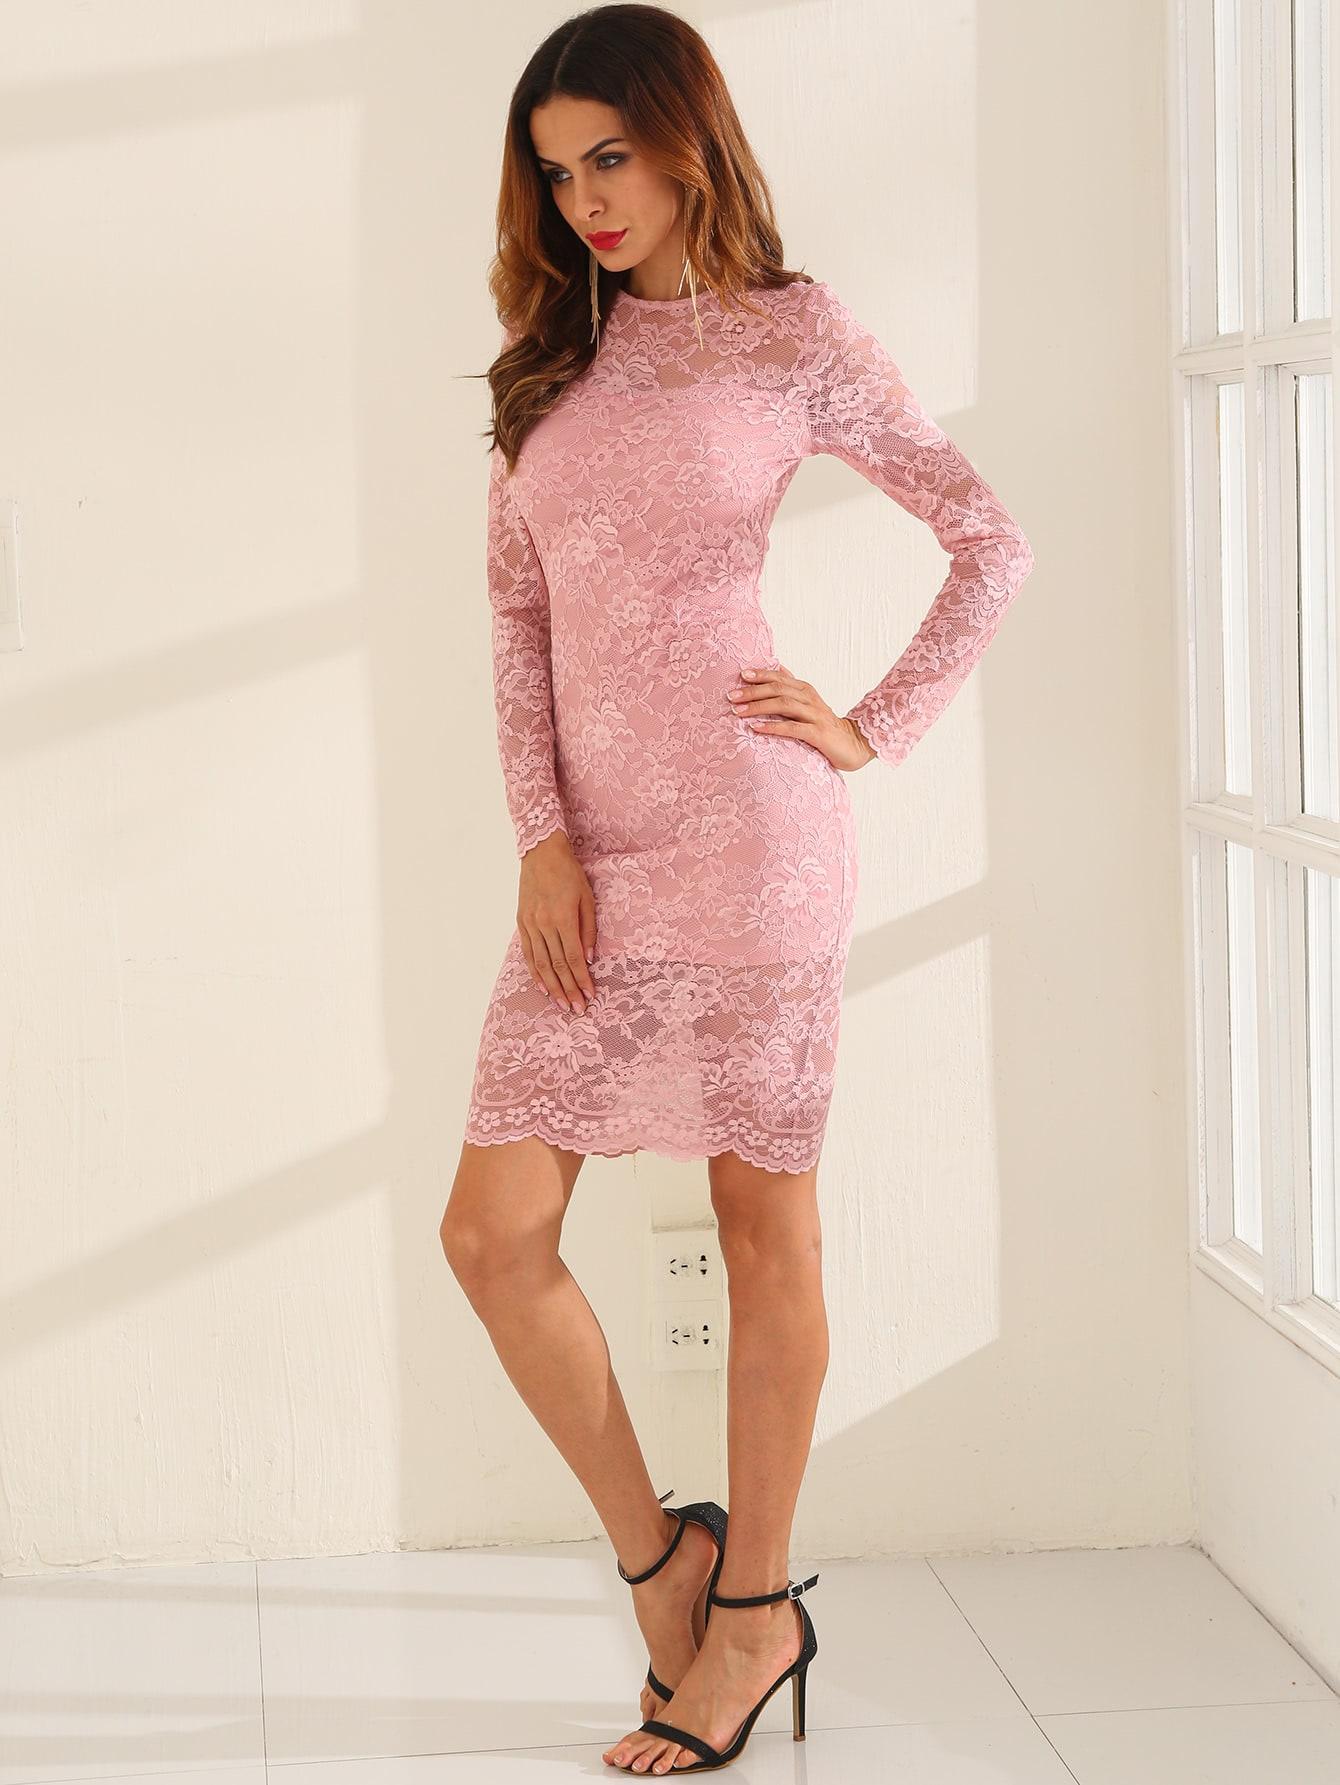 dress160823702_2